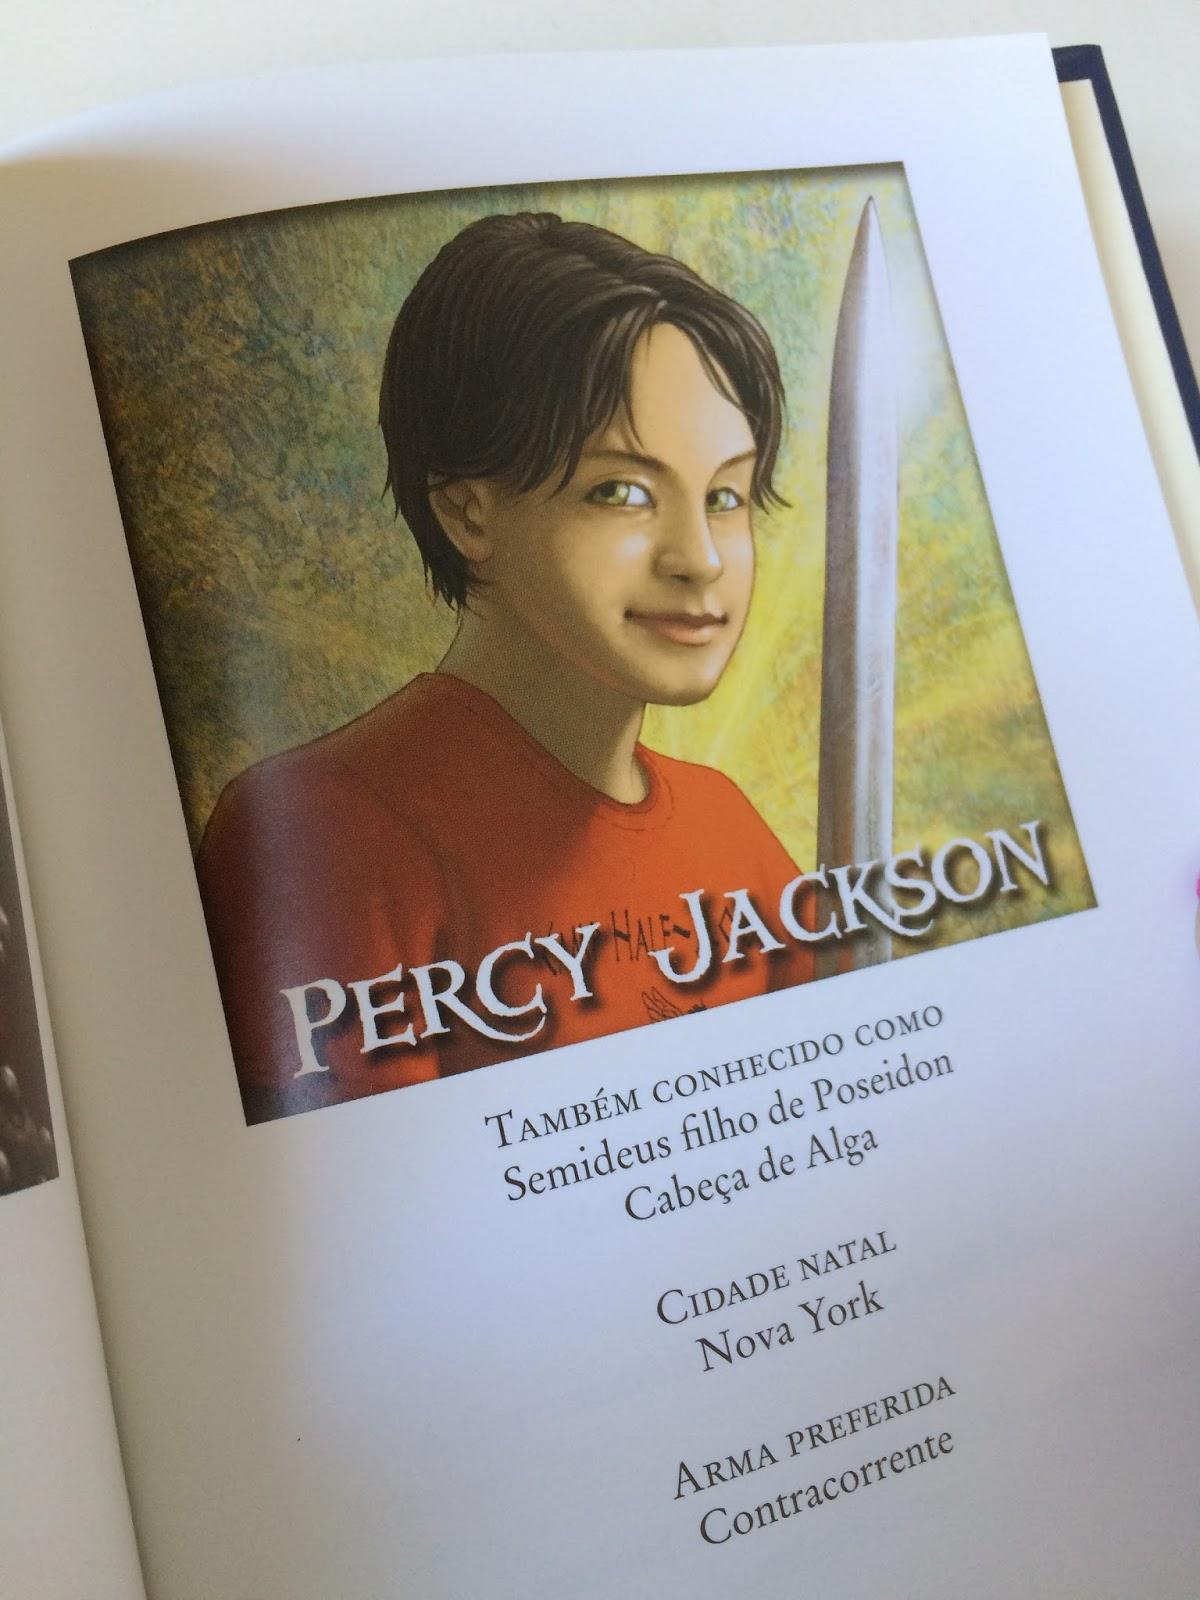 percy jackson e os arquivos do semideus